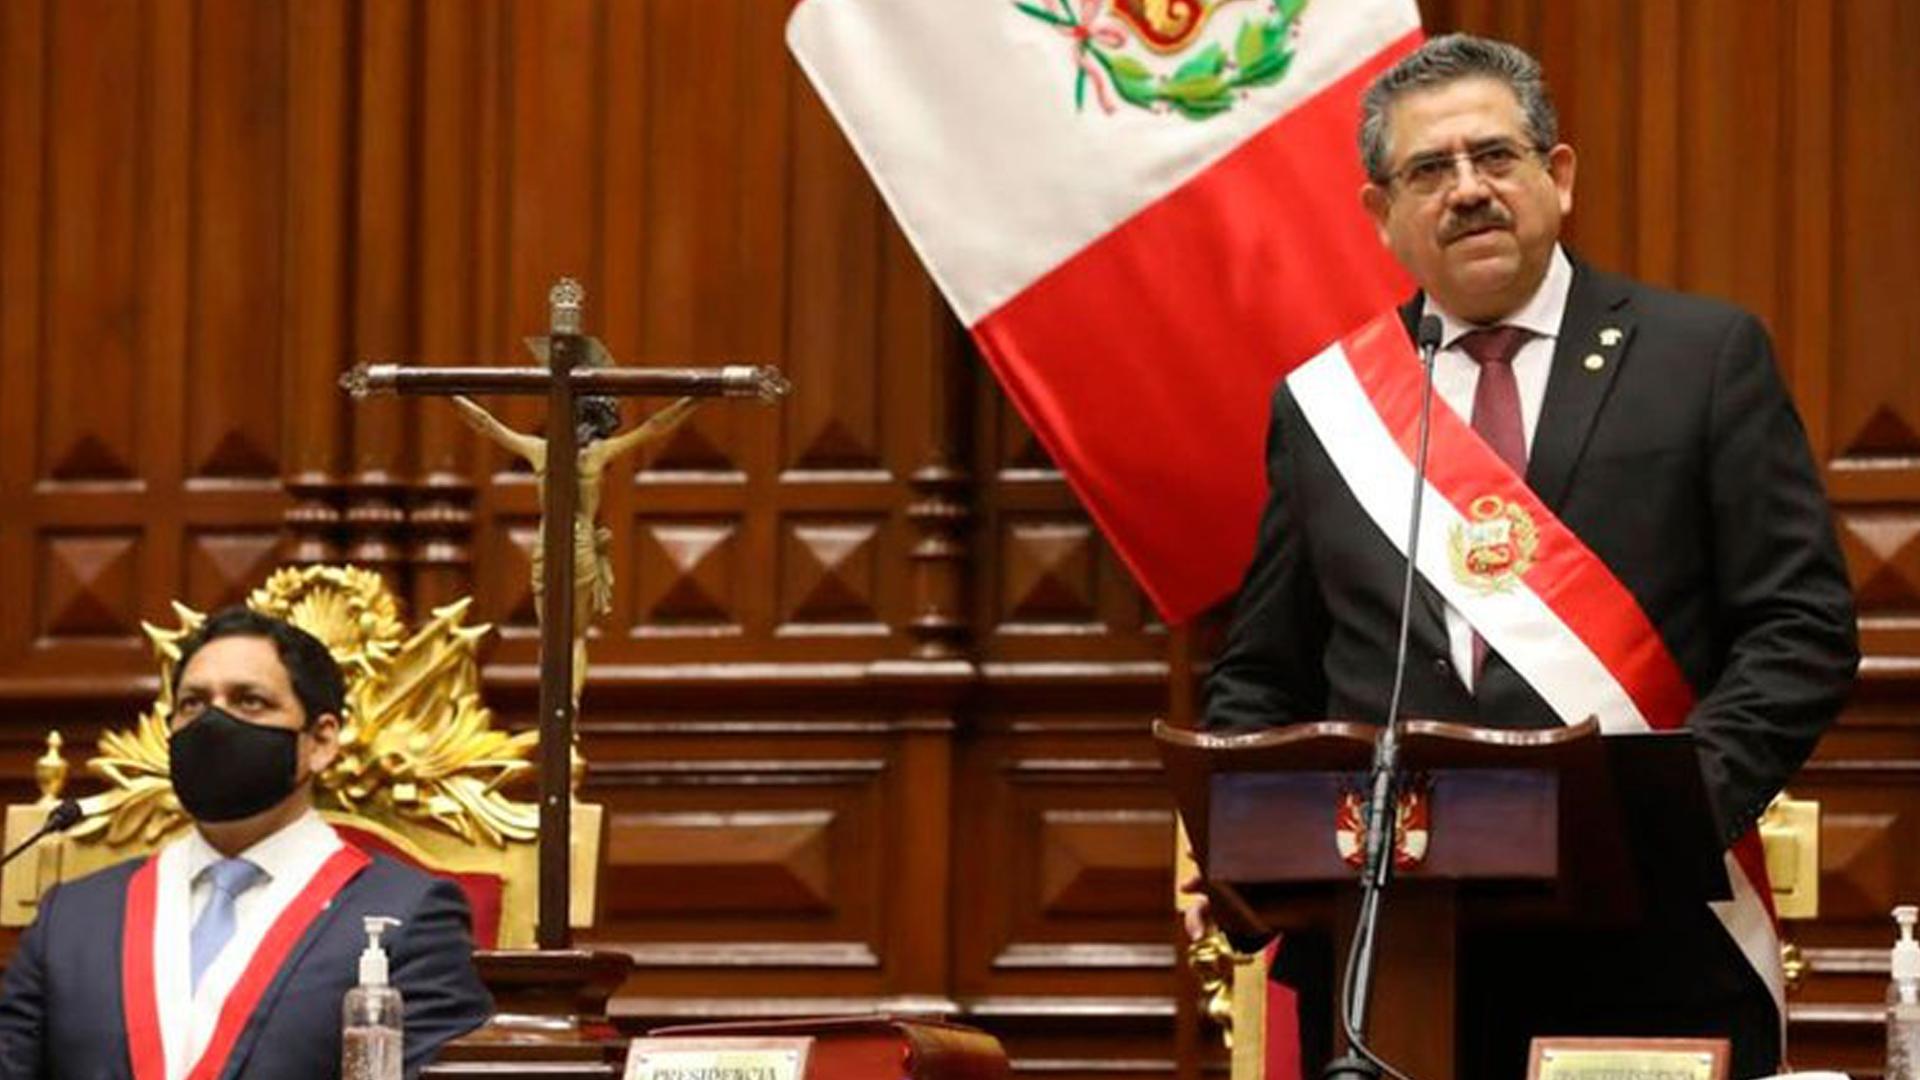 Presidente del Congreso de Perú pide renuncia de Manuel Merino tras masivas protestas